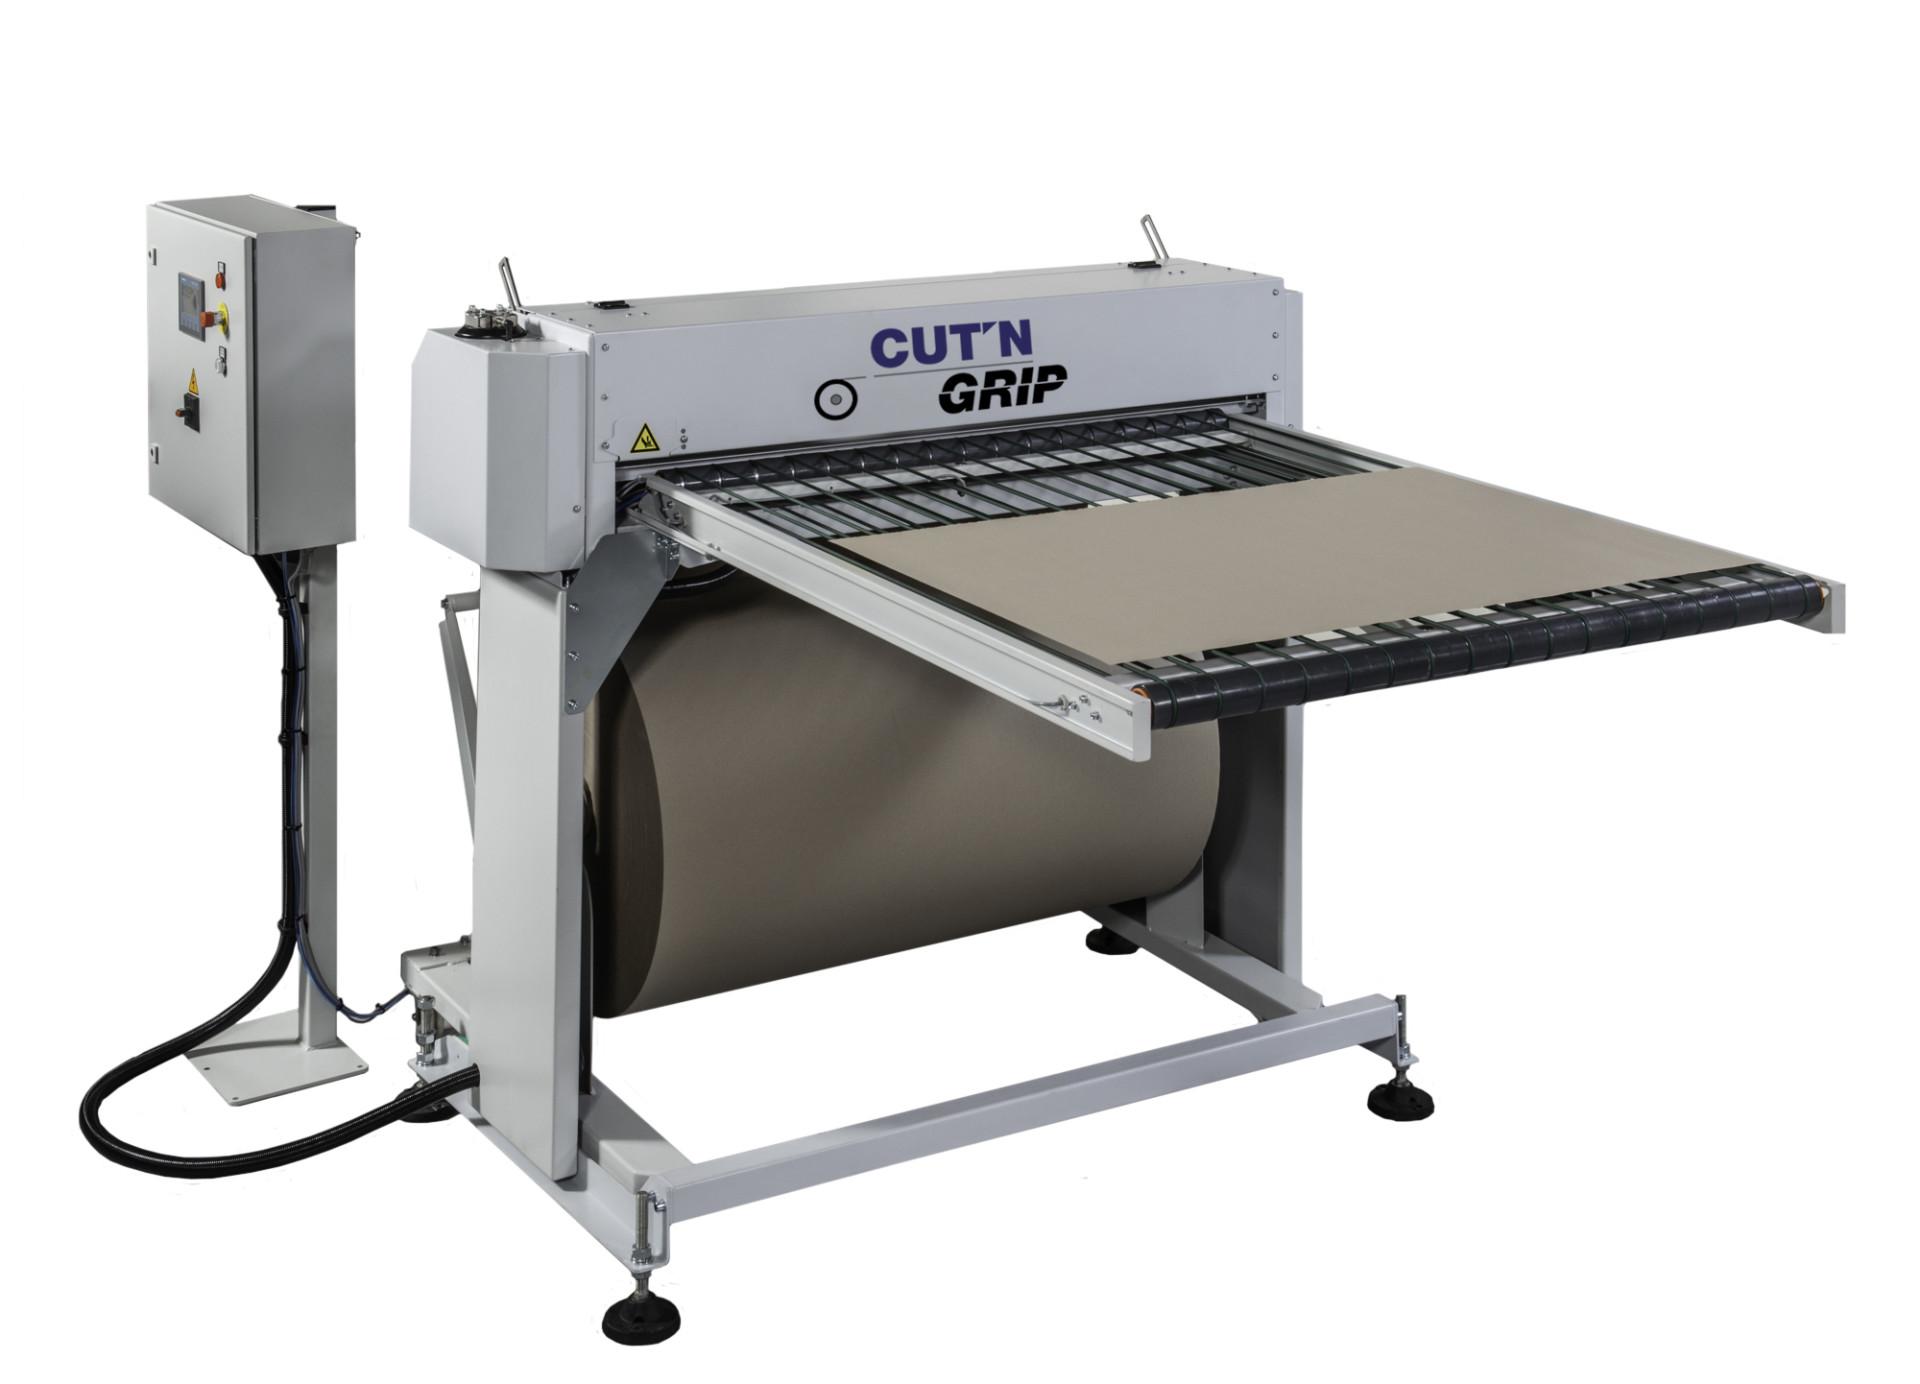 Cut'n Grip volautomatische sheetdispenser